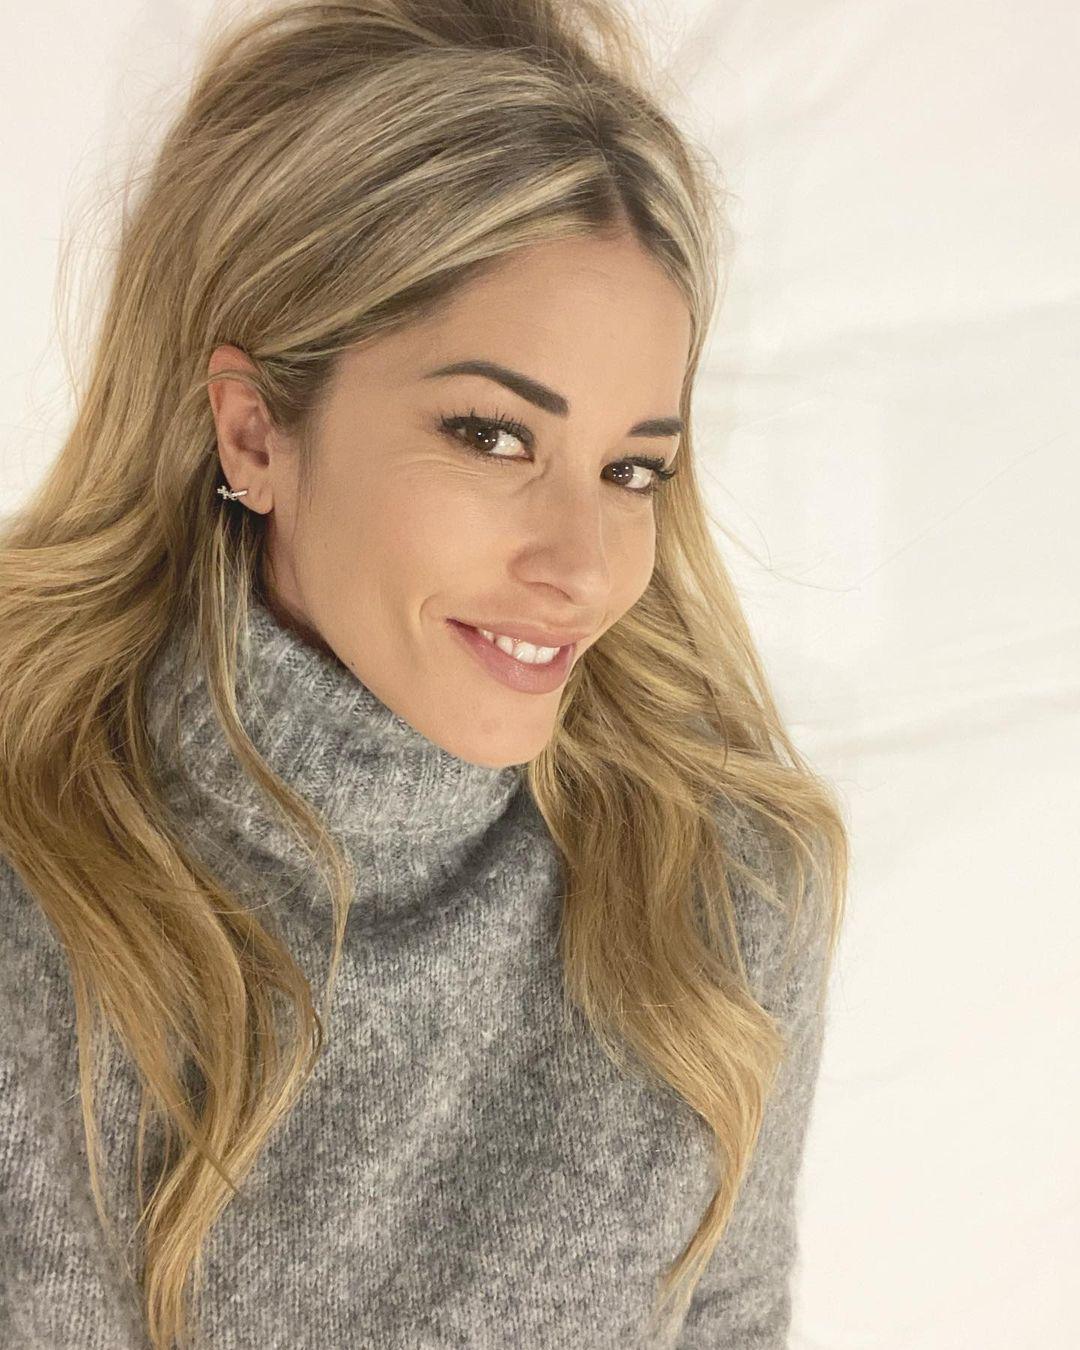 Elena-Santarelli-Wallpapers-Insta-Fit-Bio-11